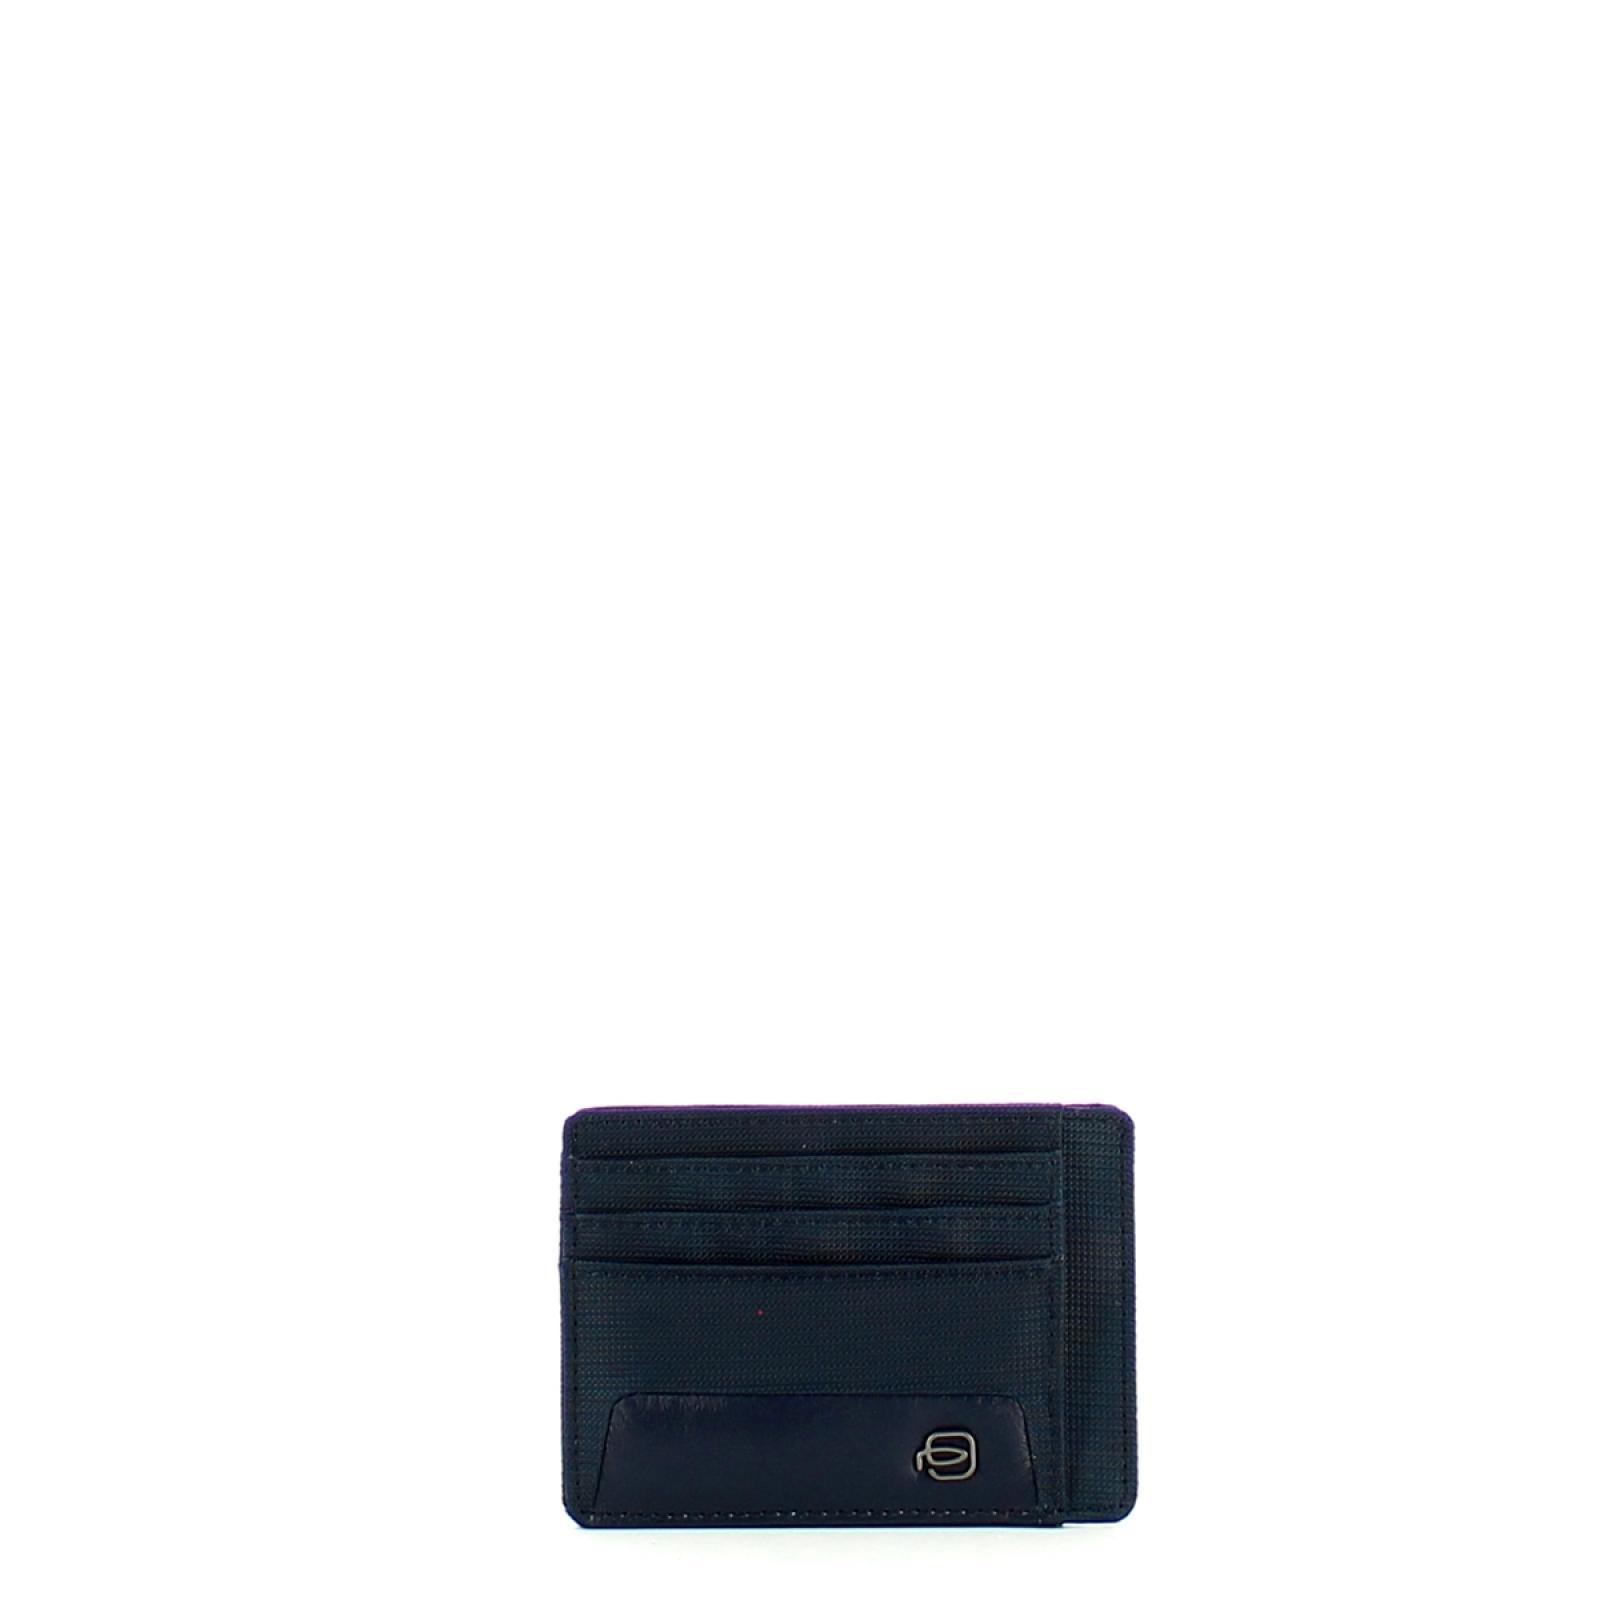 Piquadro Porta Carte di credito in tessuto riciclato con RFID Macbeth - 1